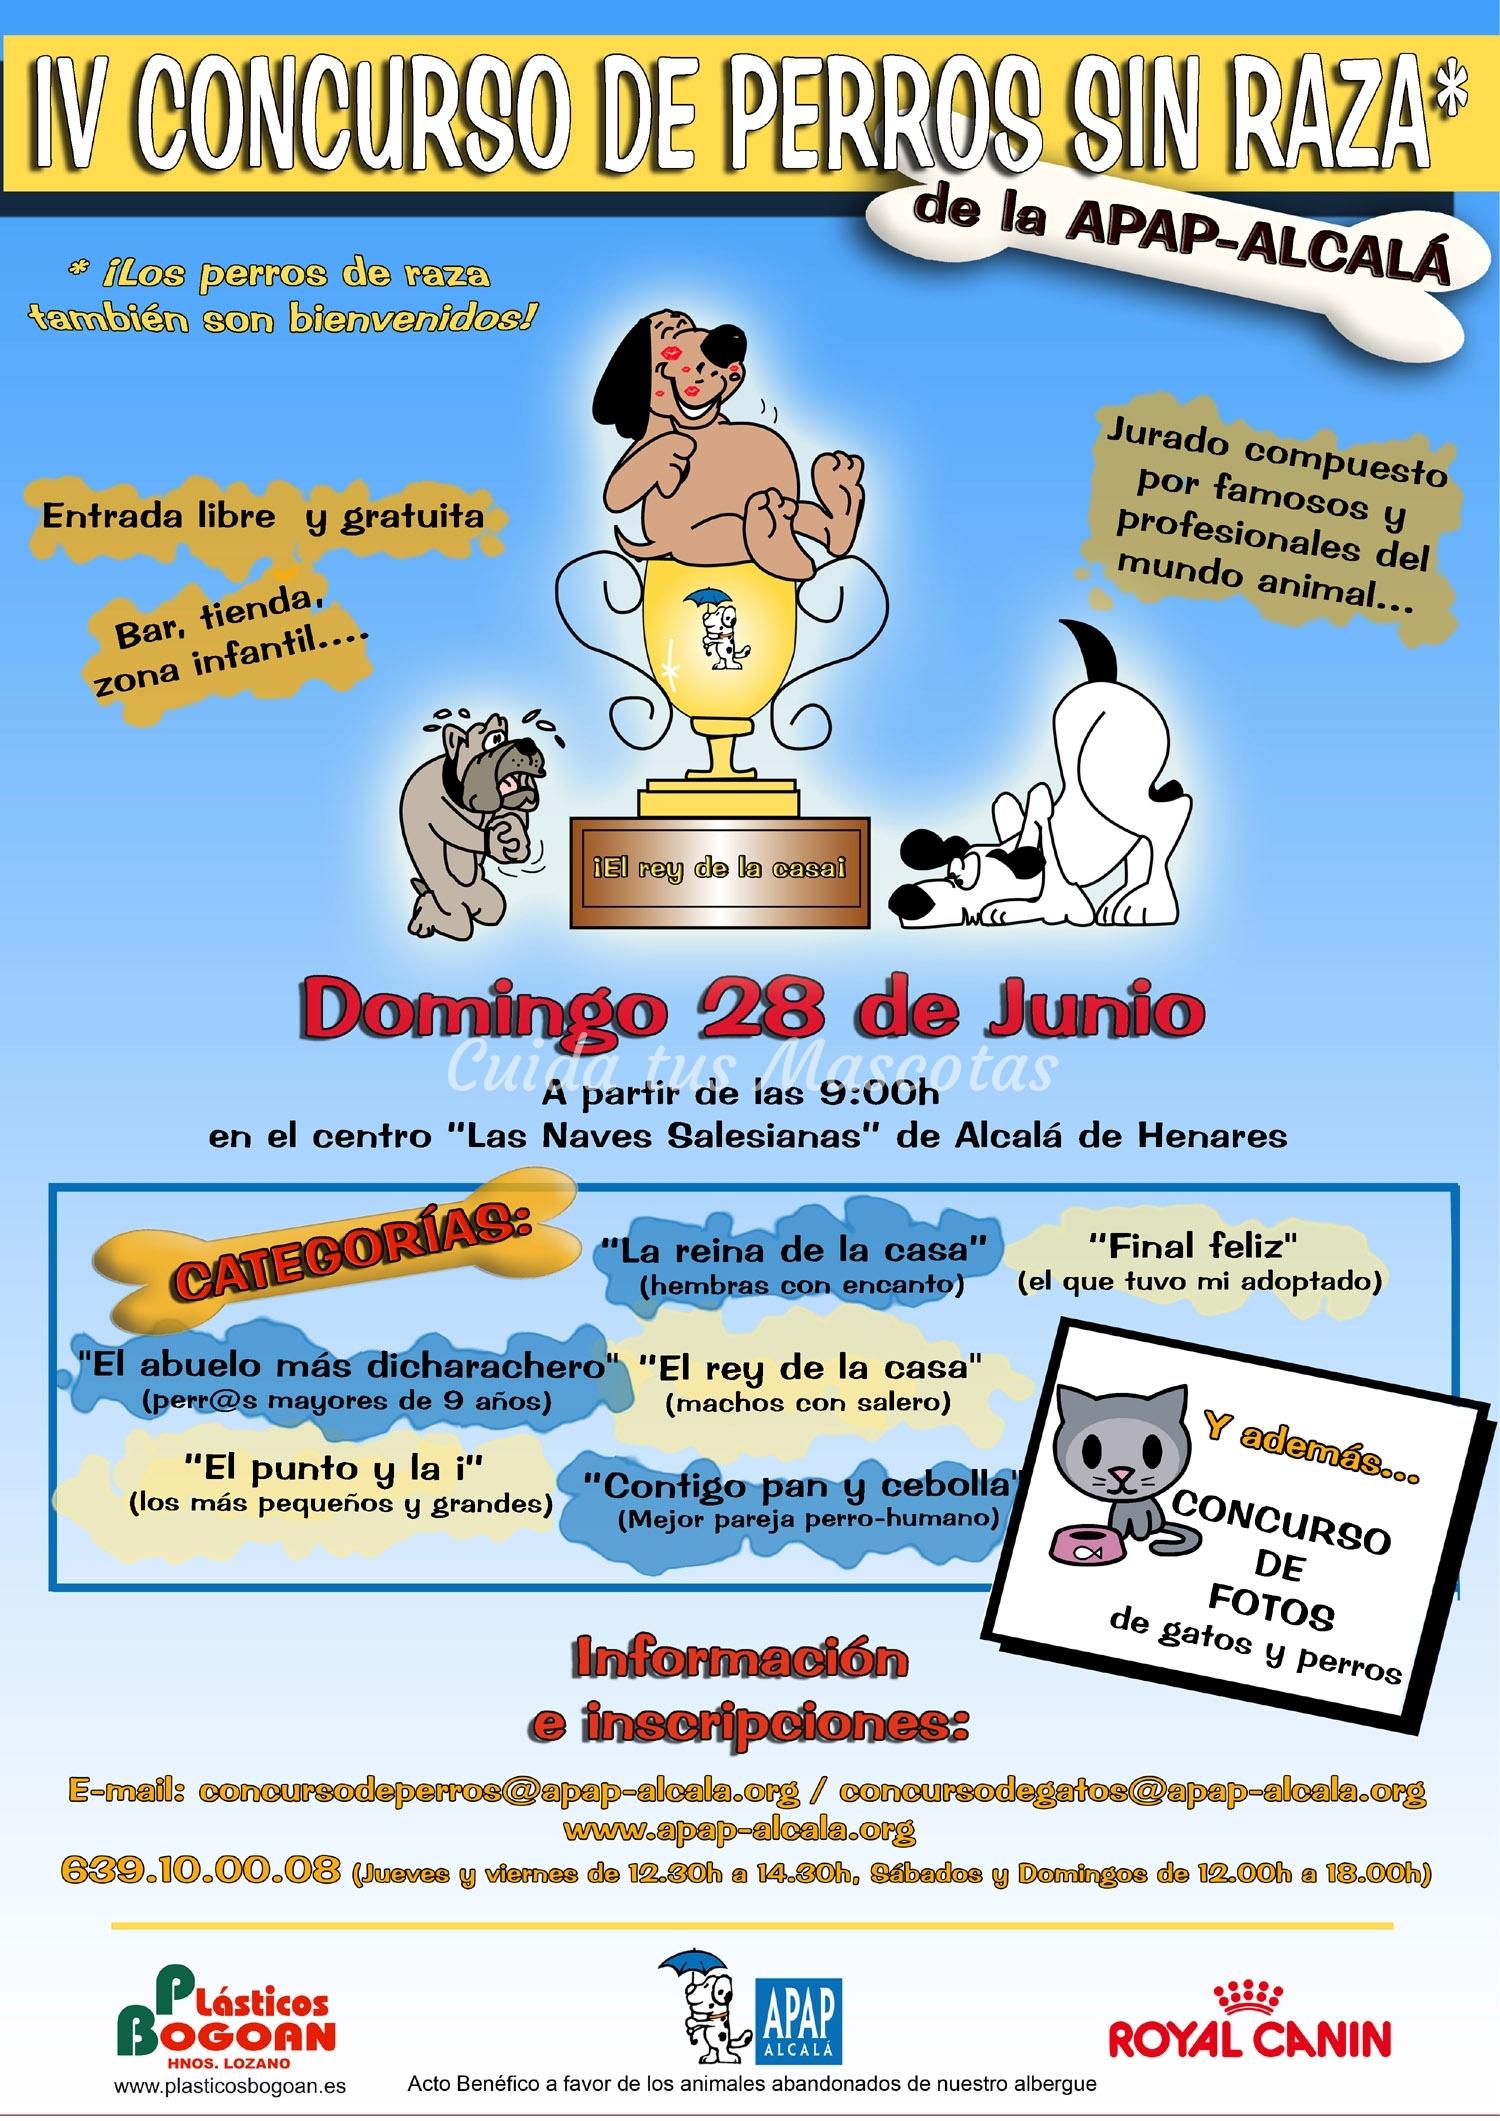 iv_concurso_perros09